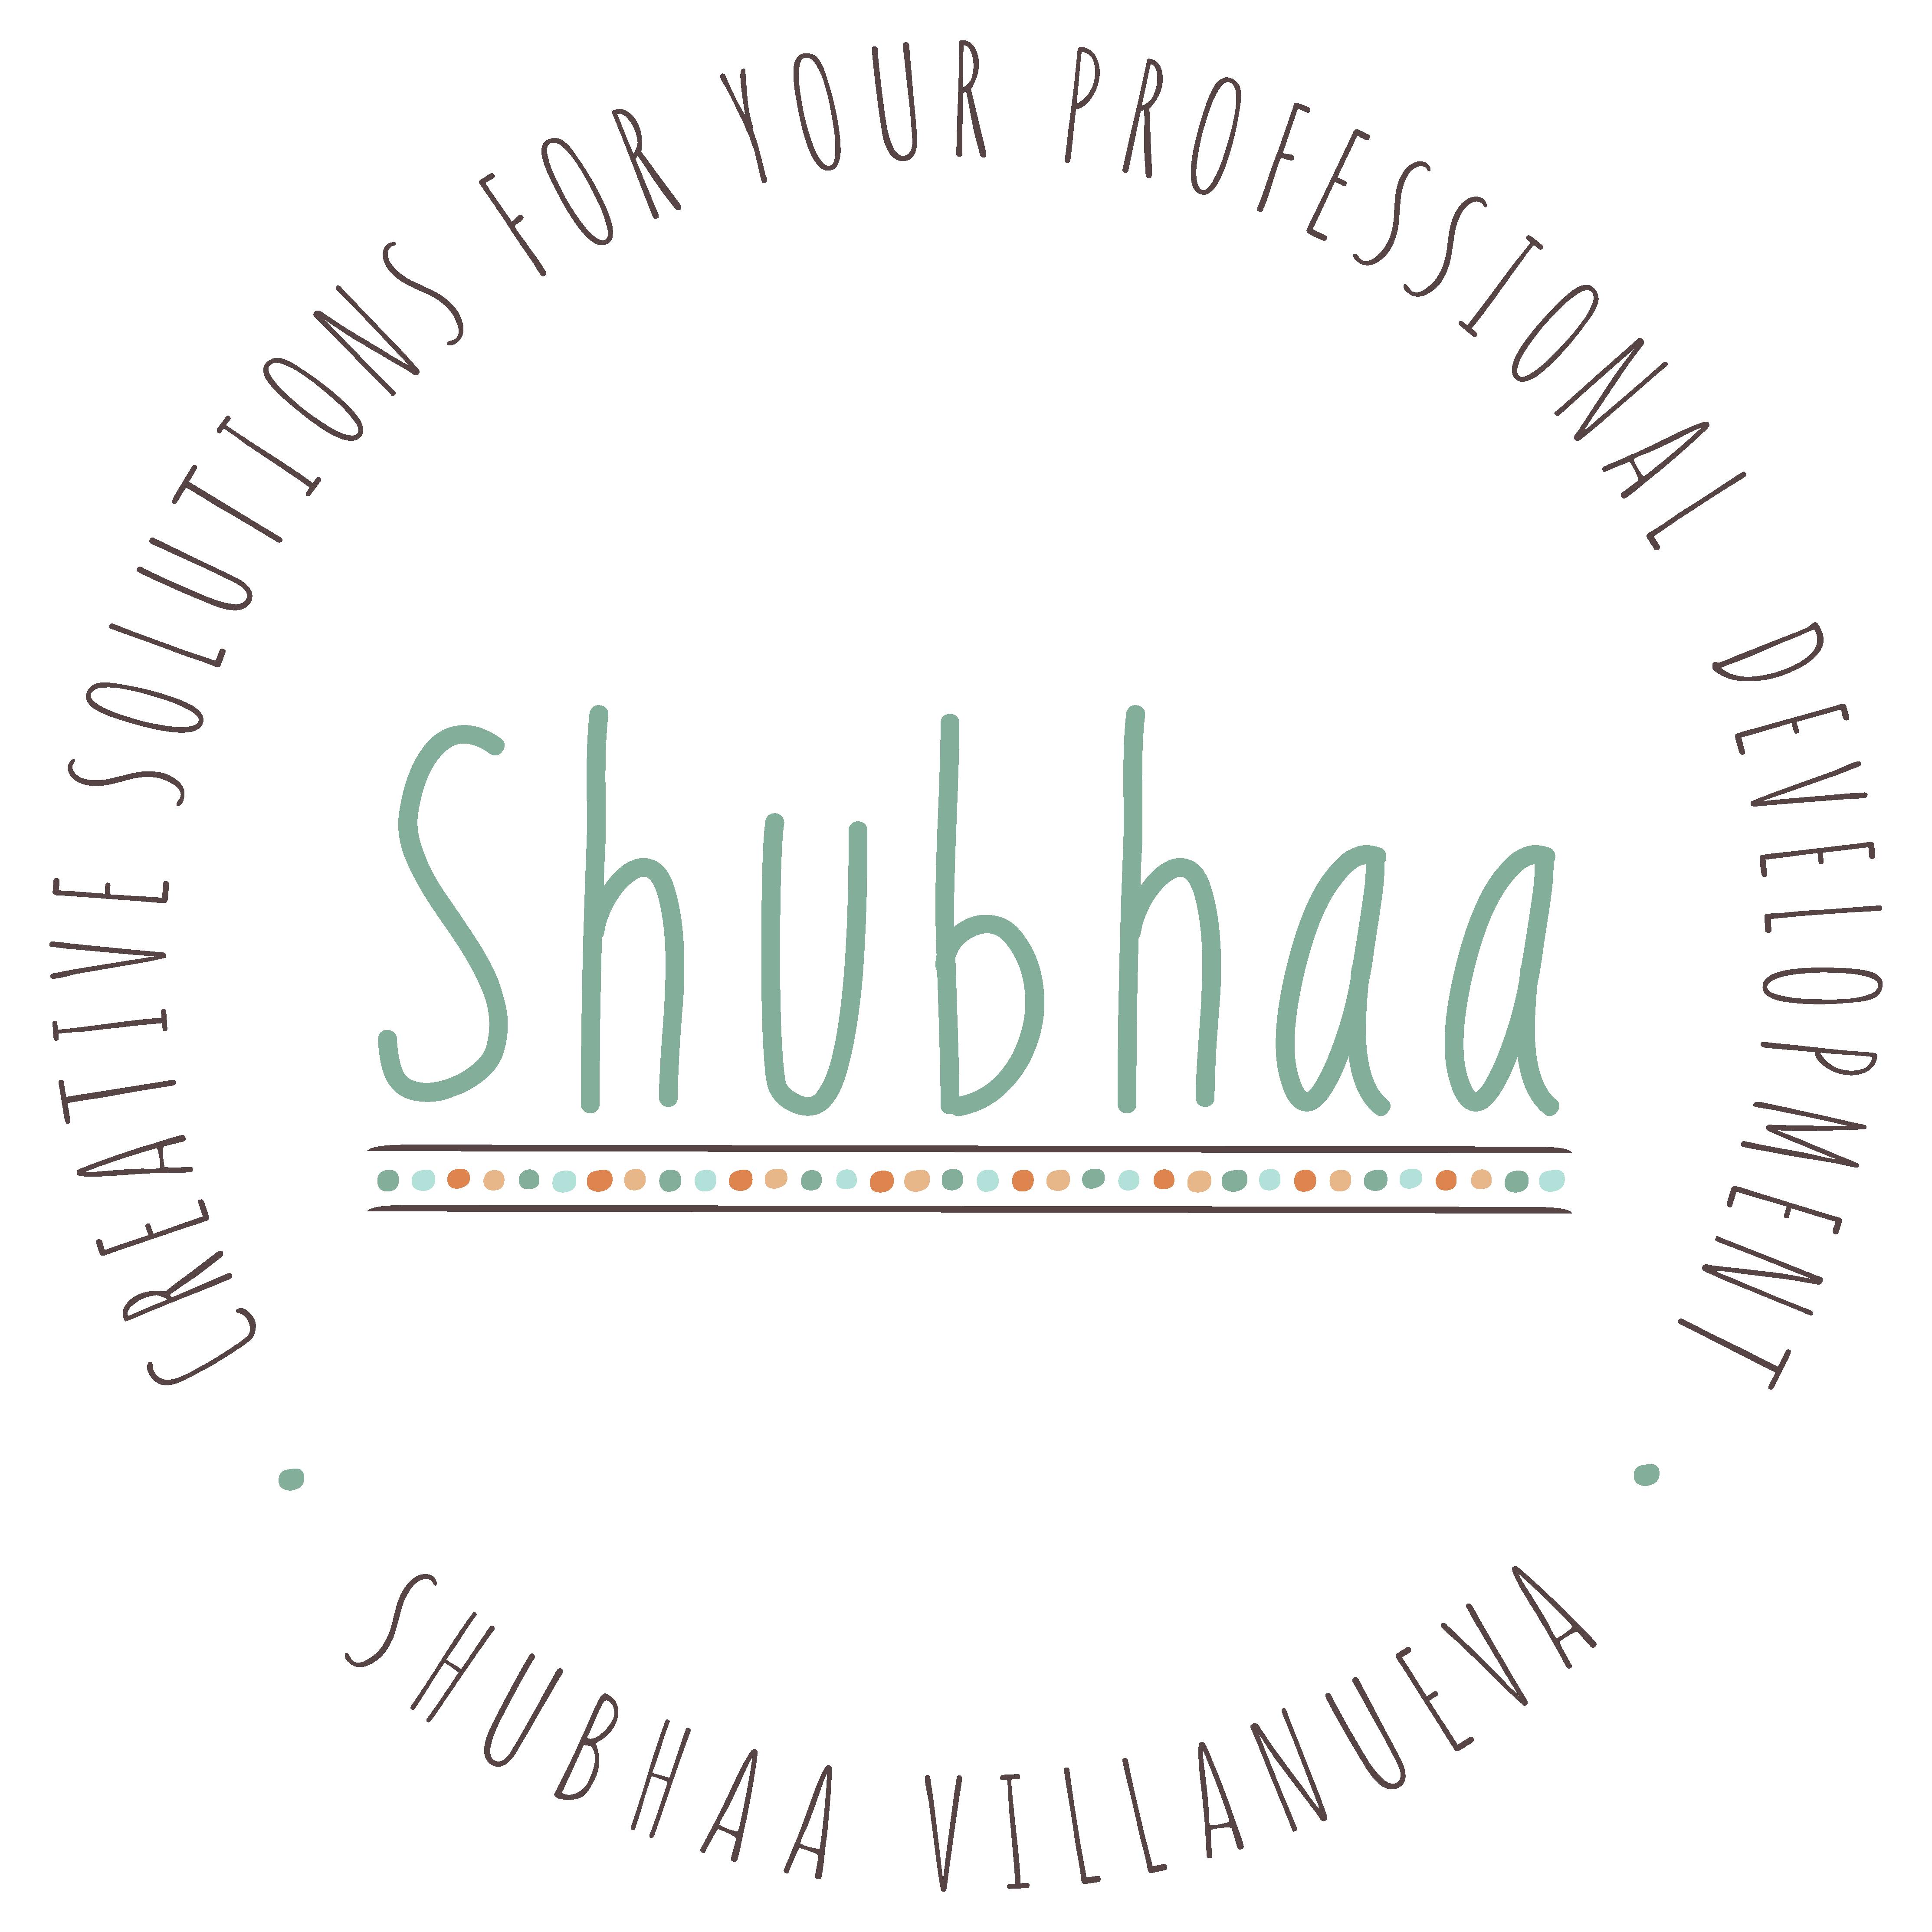 Shubhaa Creative Solutions